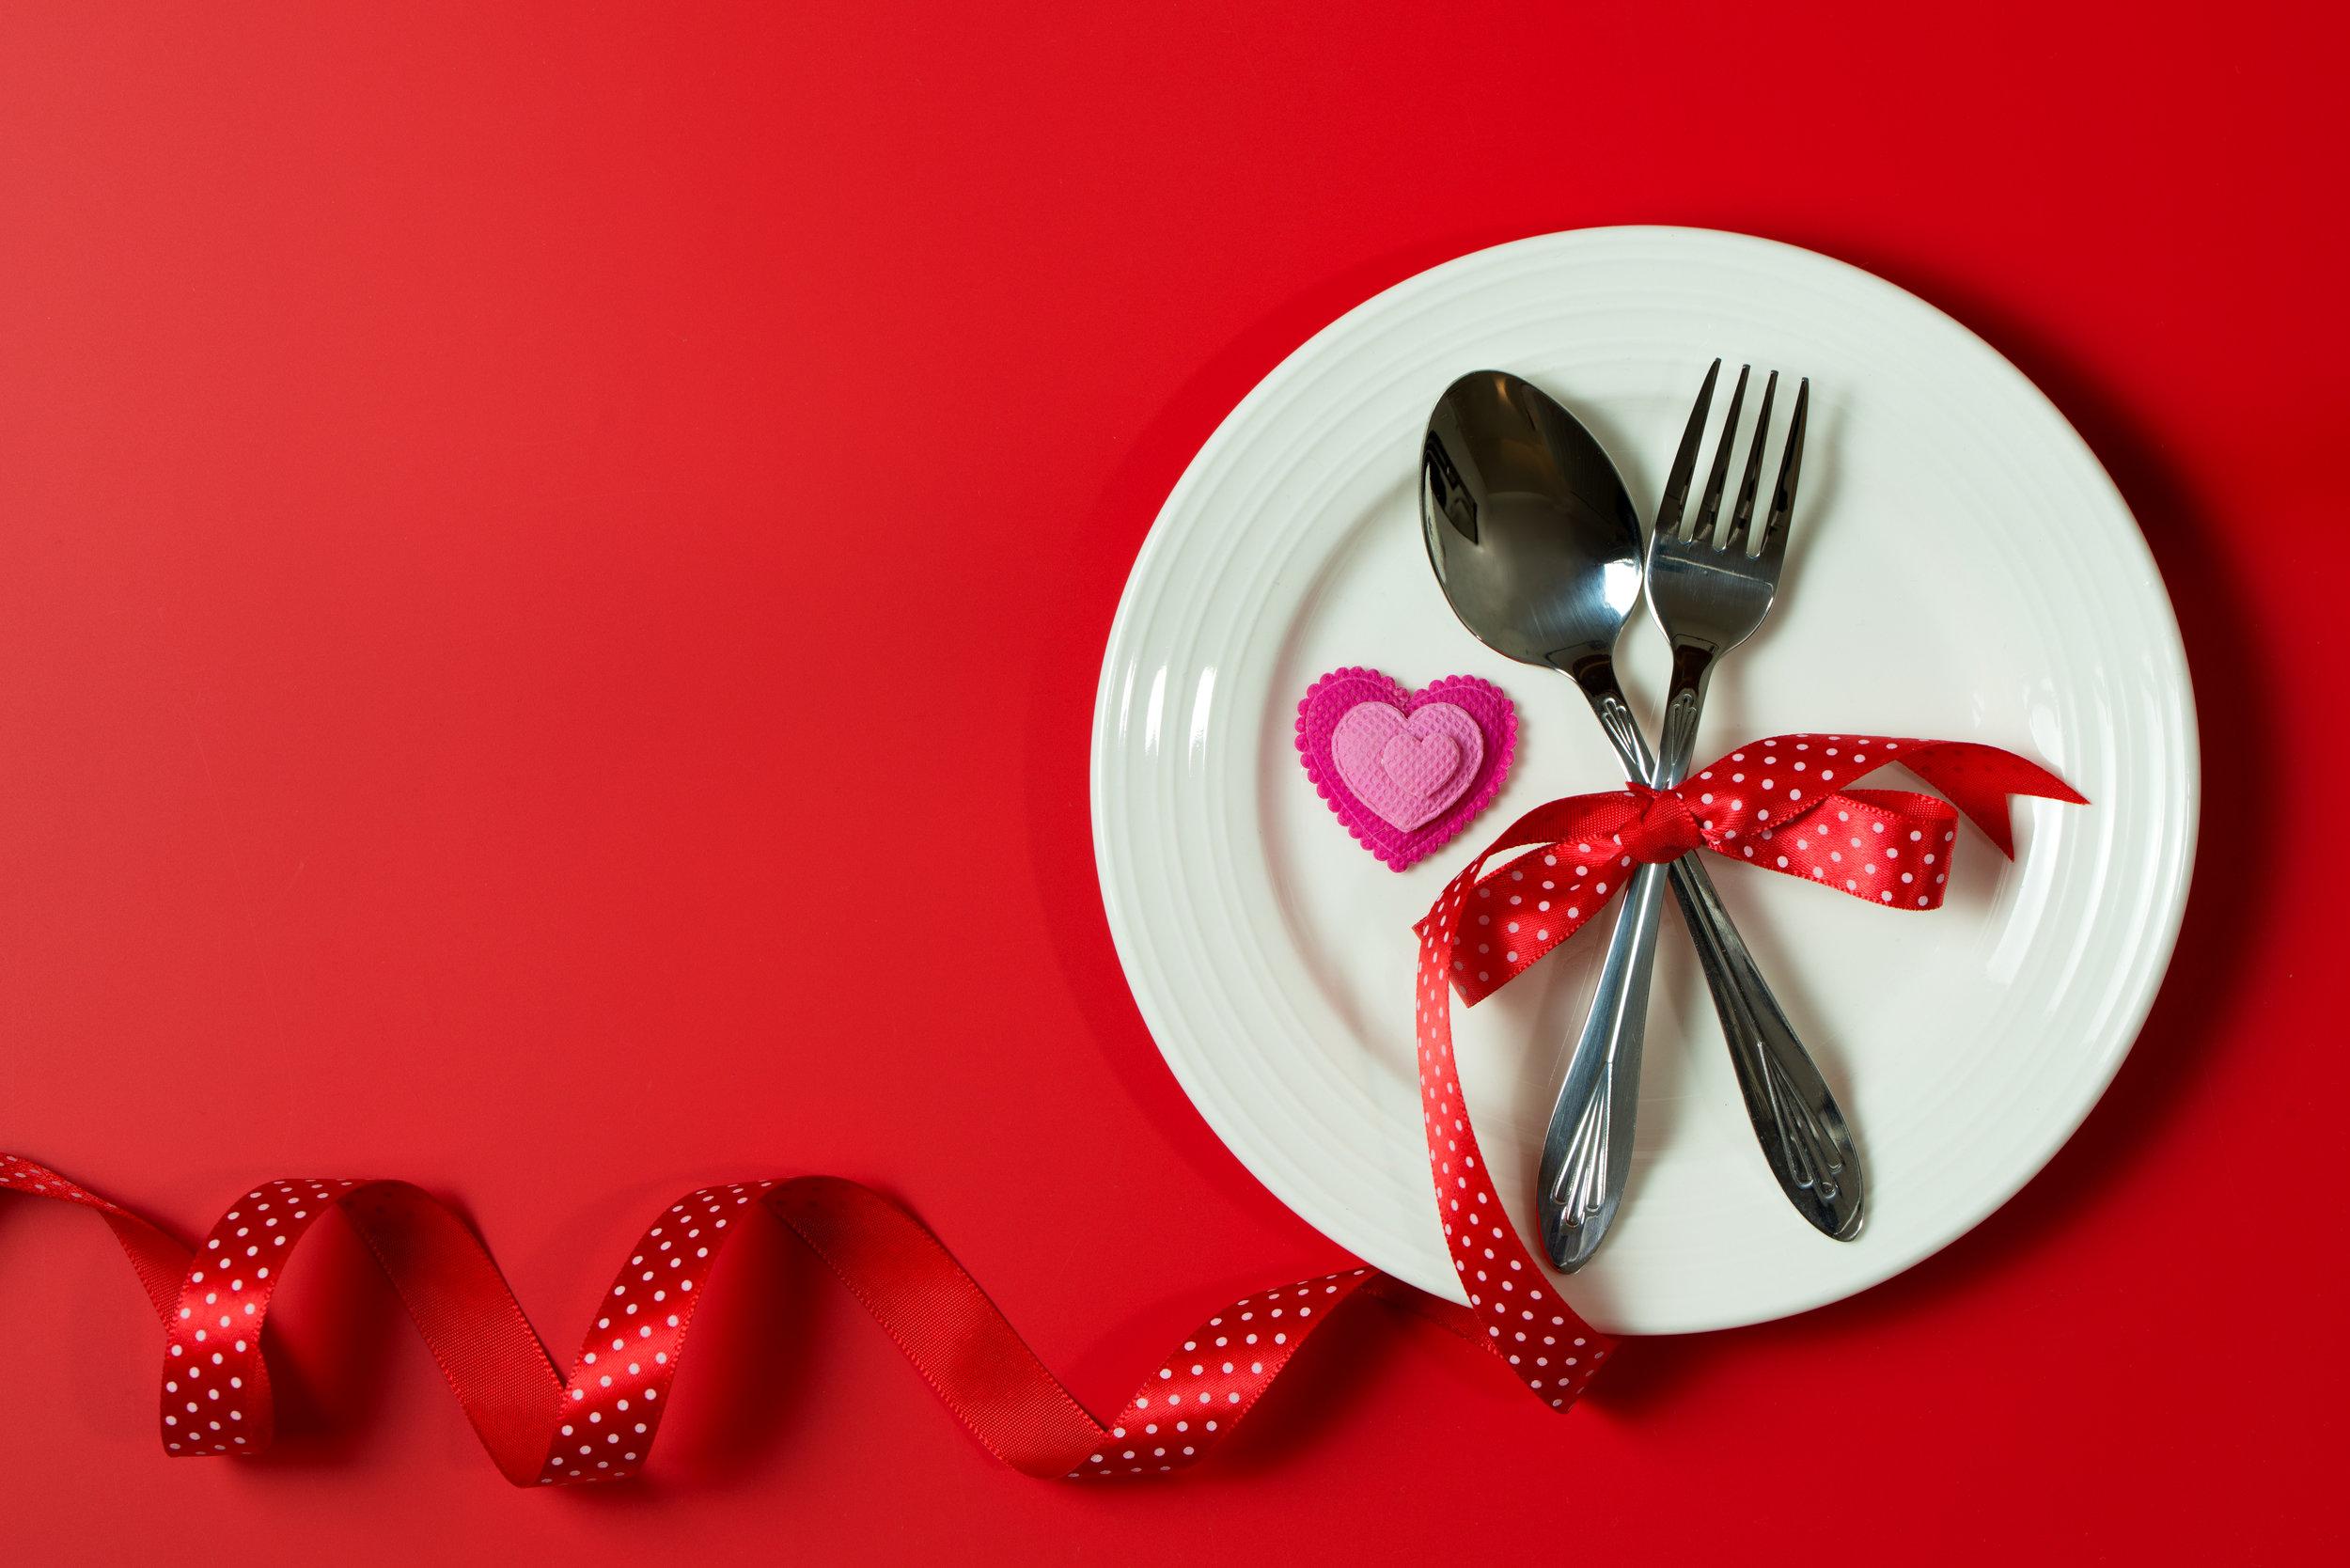 valentine-day-dinner-P8NUN4F.JPG